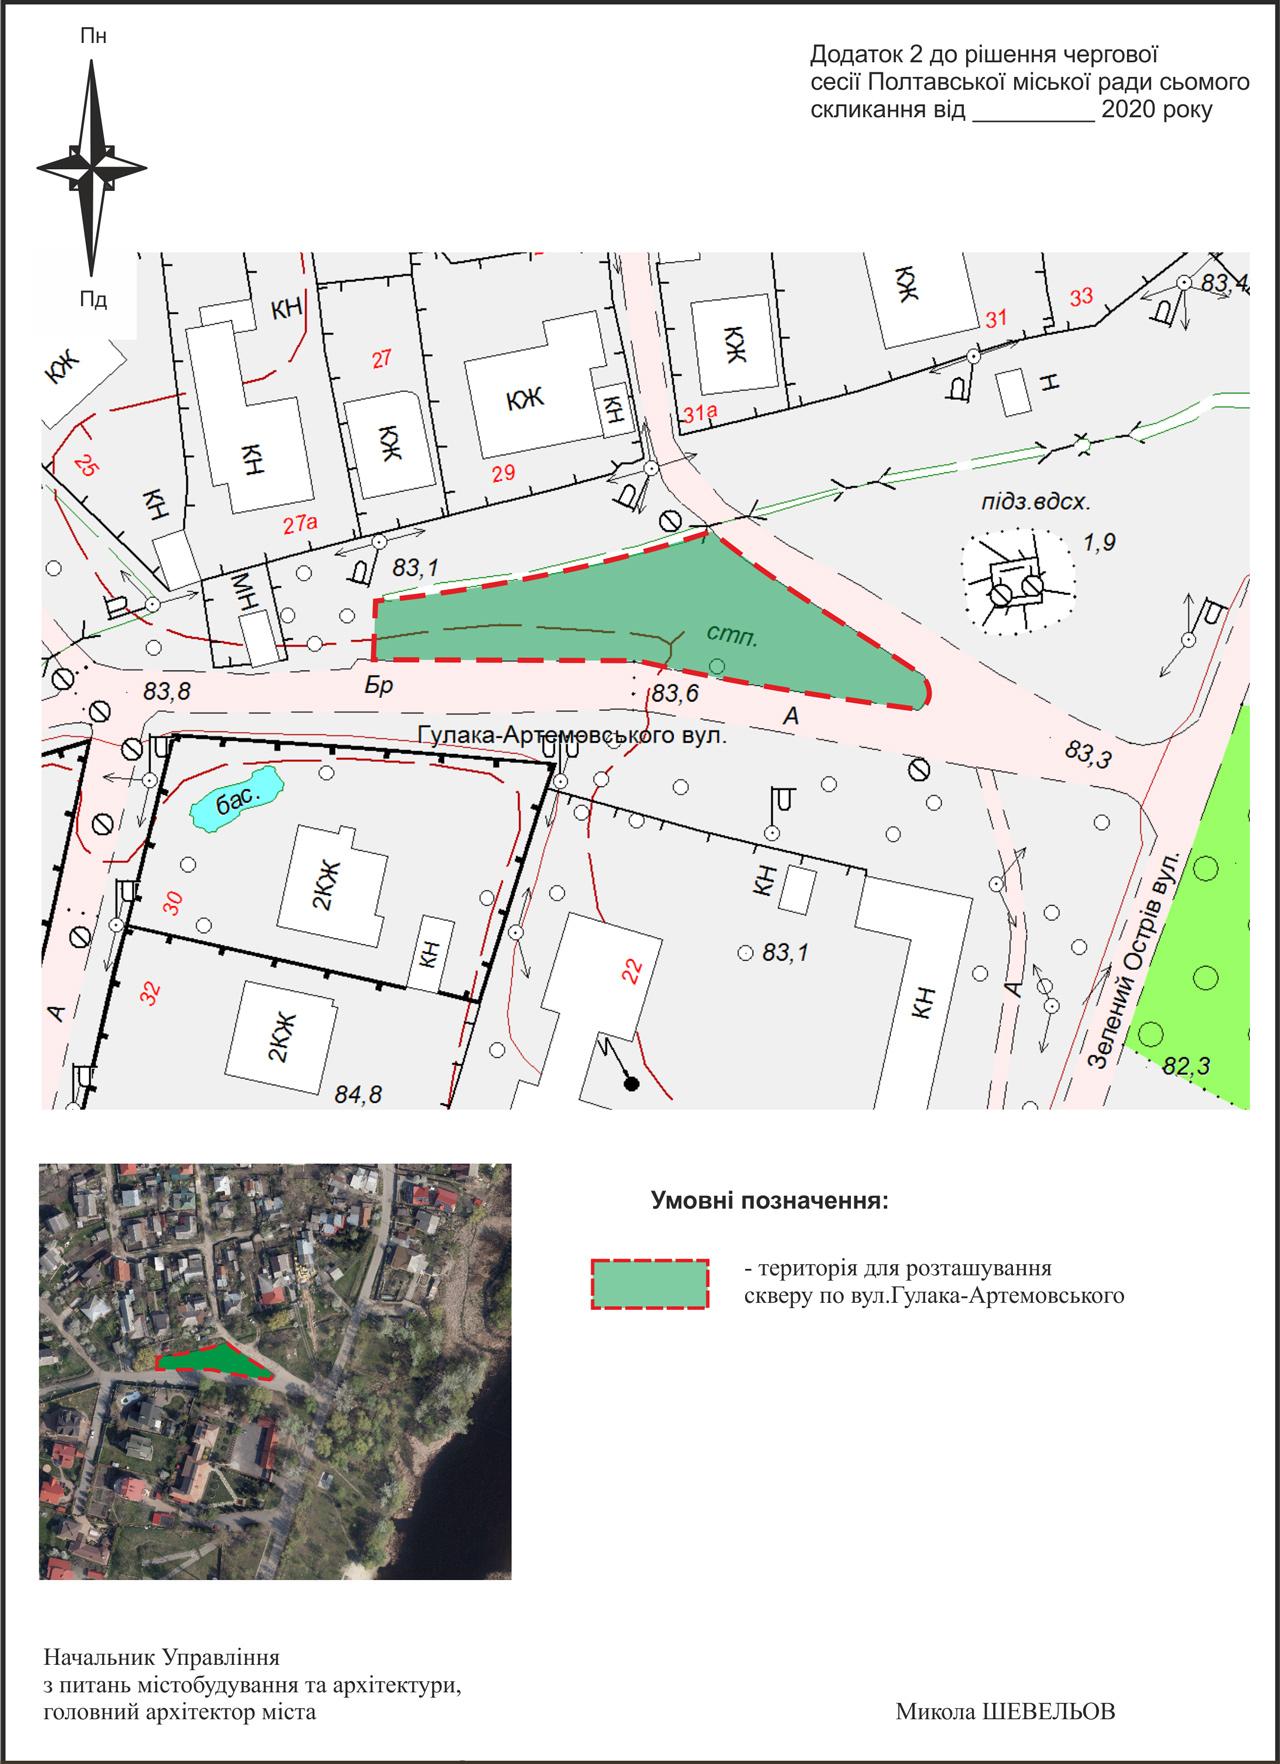 Сквер на Подолі — це ділянка на вул. Гулака-Артемовського.